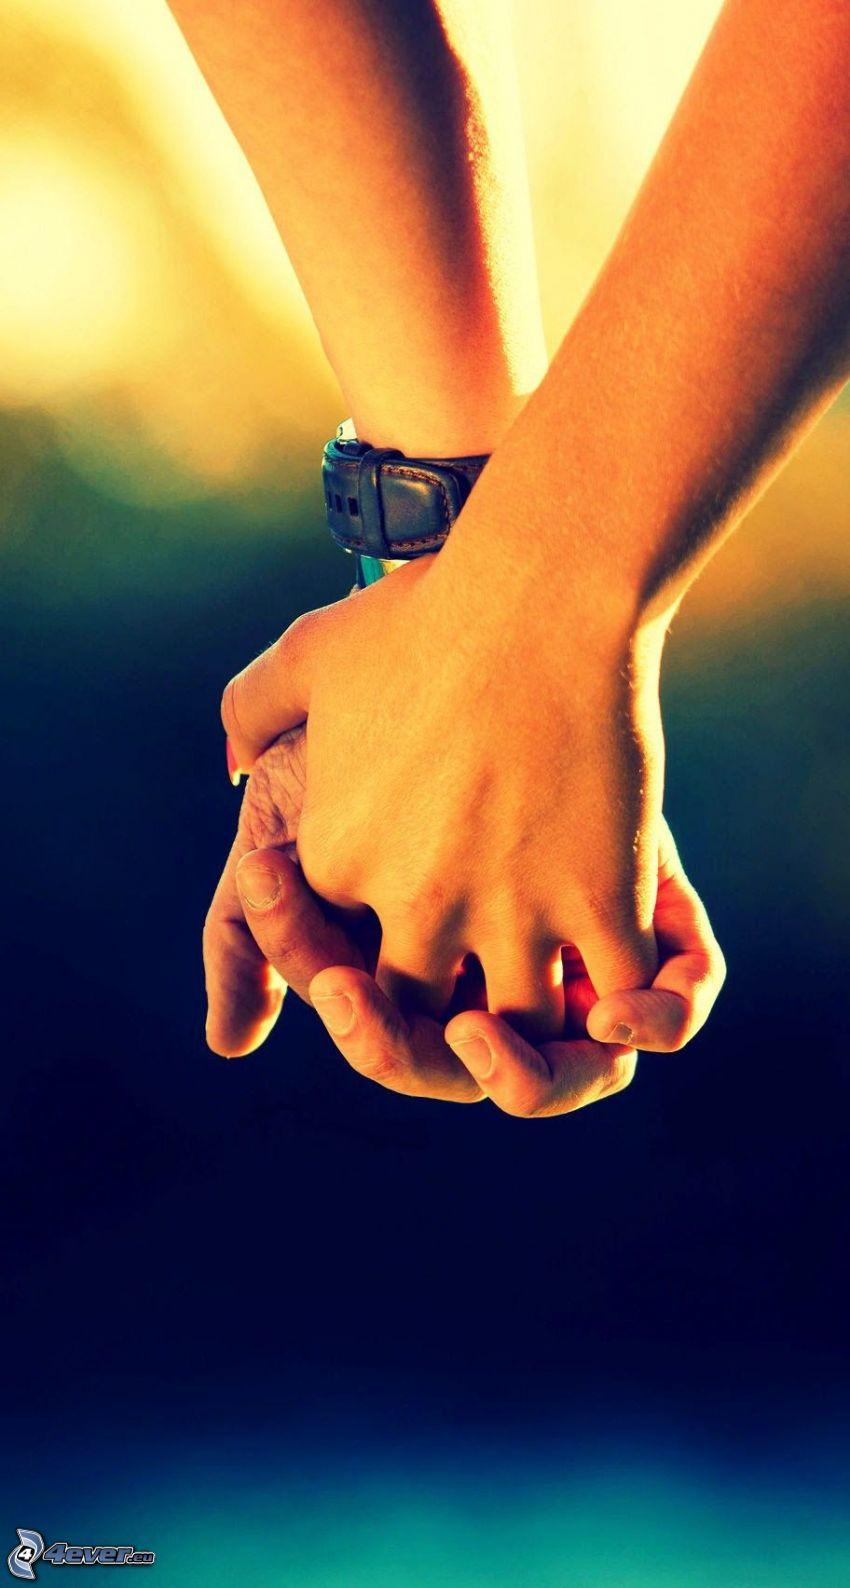 trzymanie się za ręce, zegarki